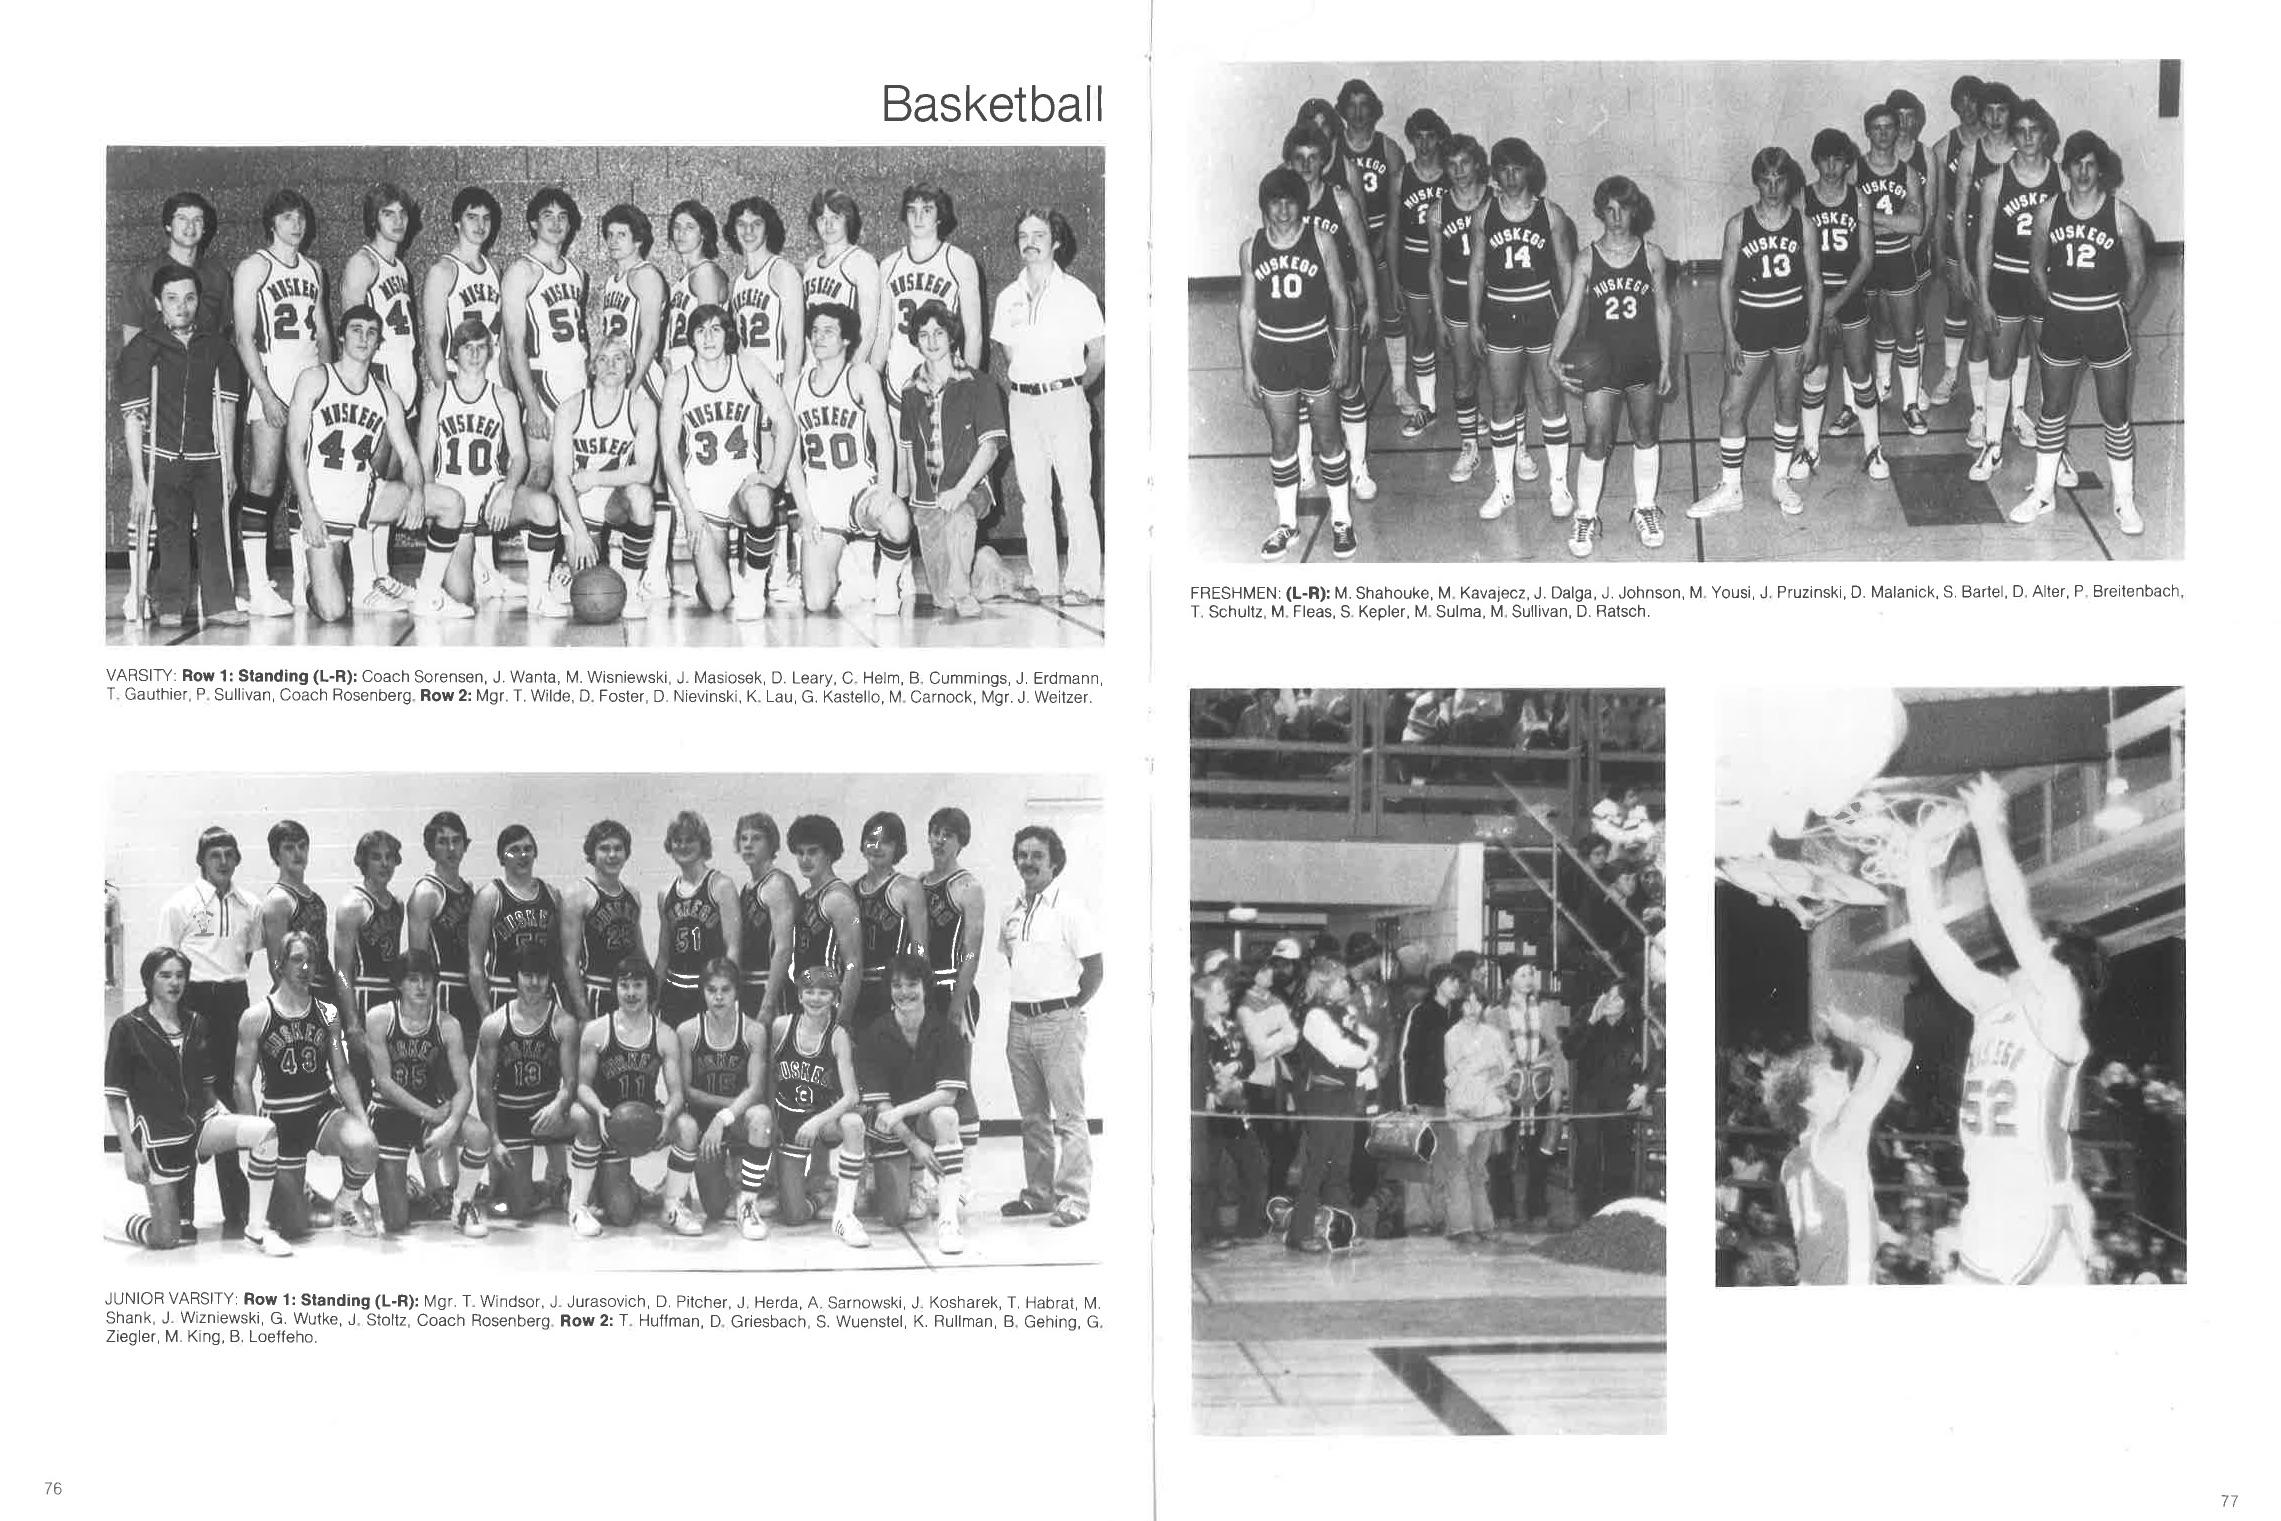 1979_Yearbook_76.jpg